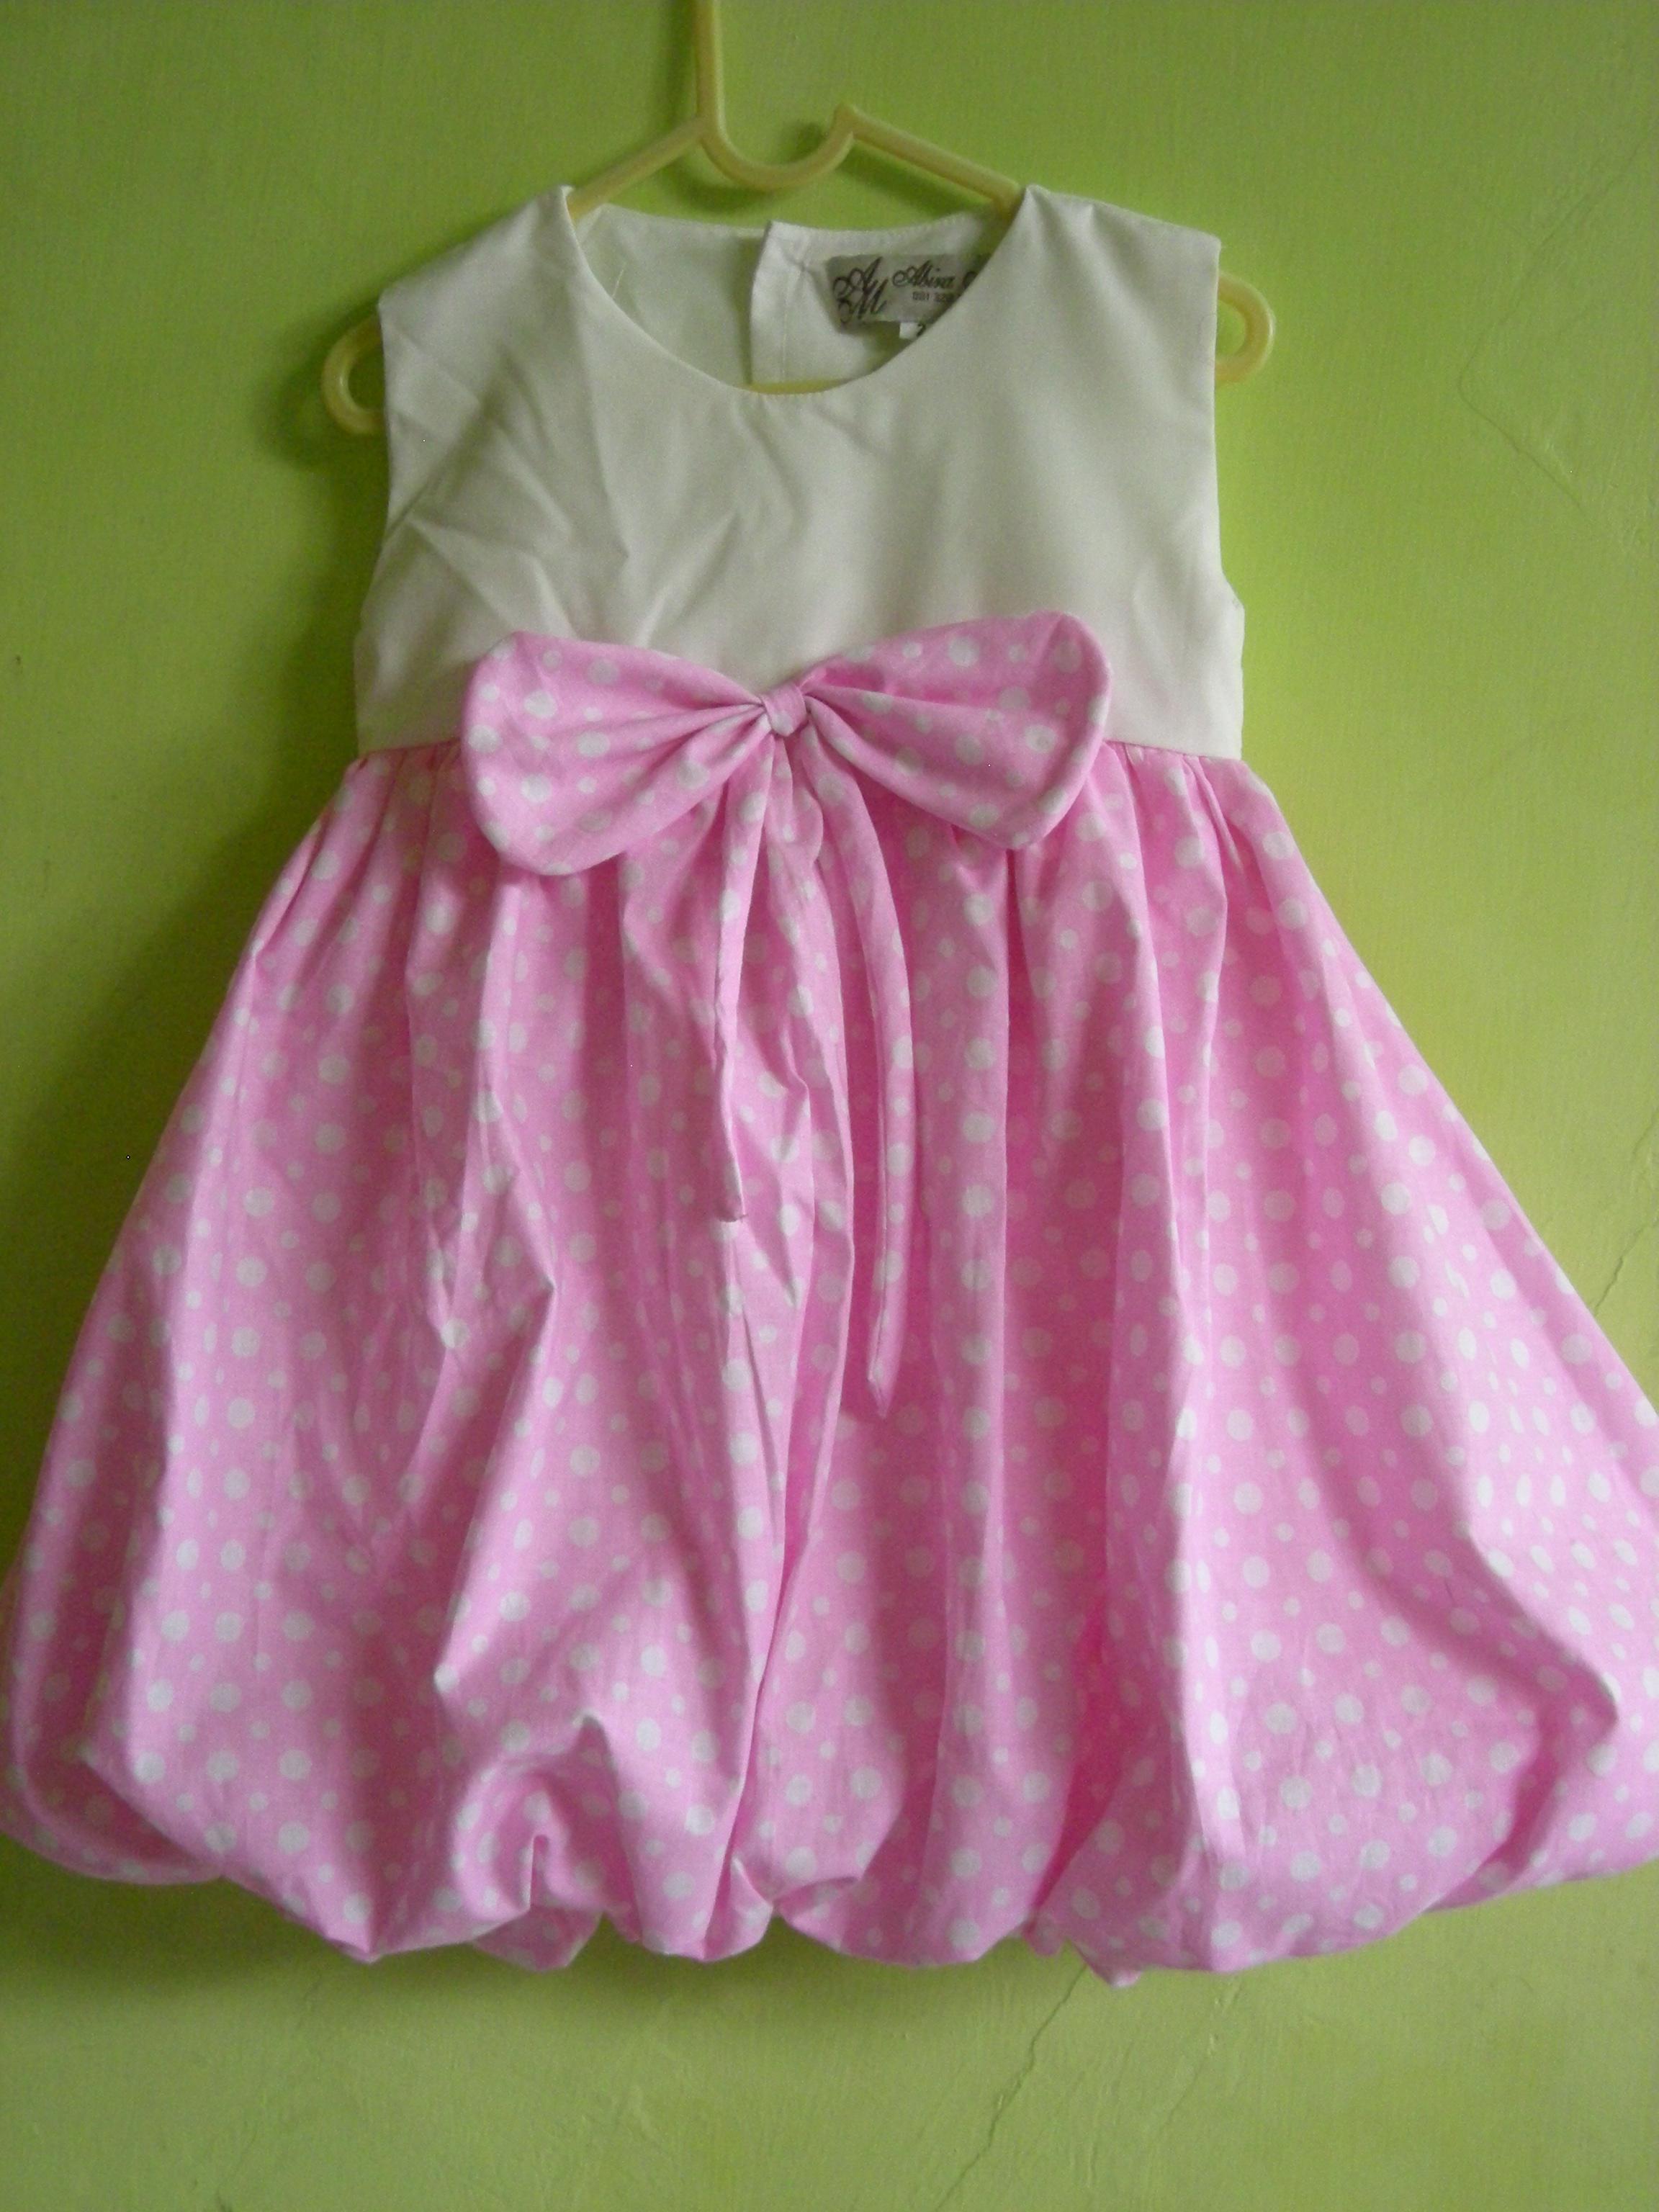 Baju Pesta Anak 18 Ibu Ira 0811254451 Butik Baju Pesta Anak